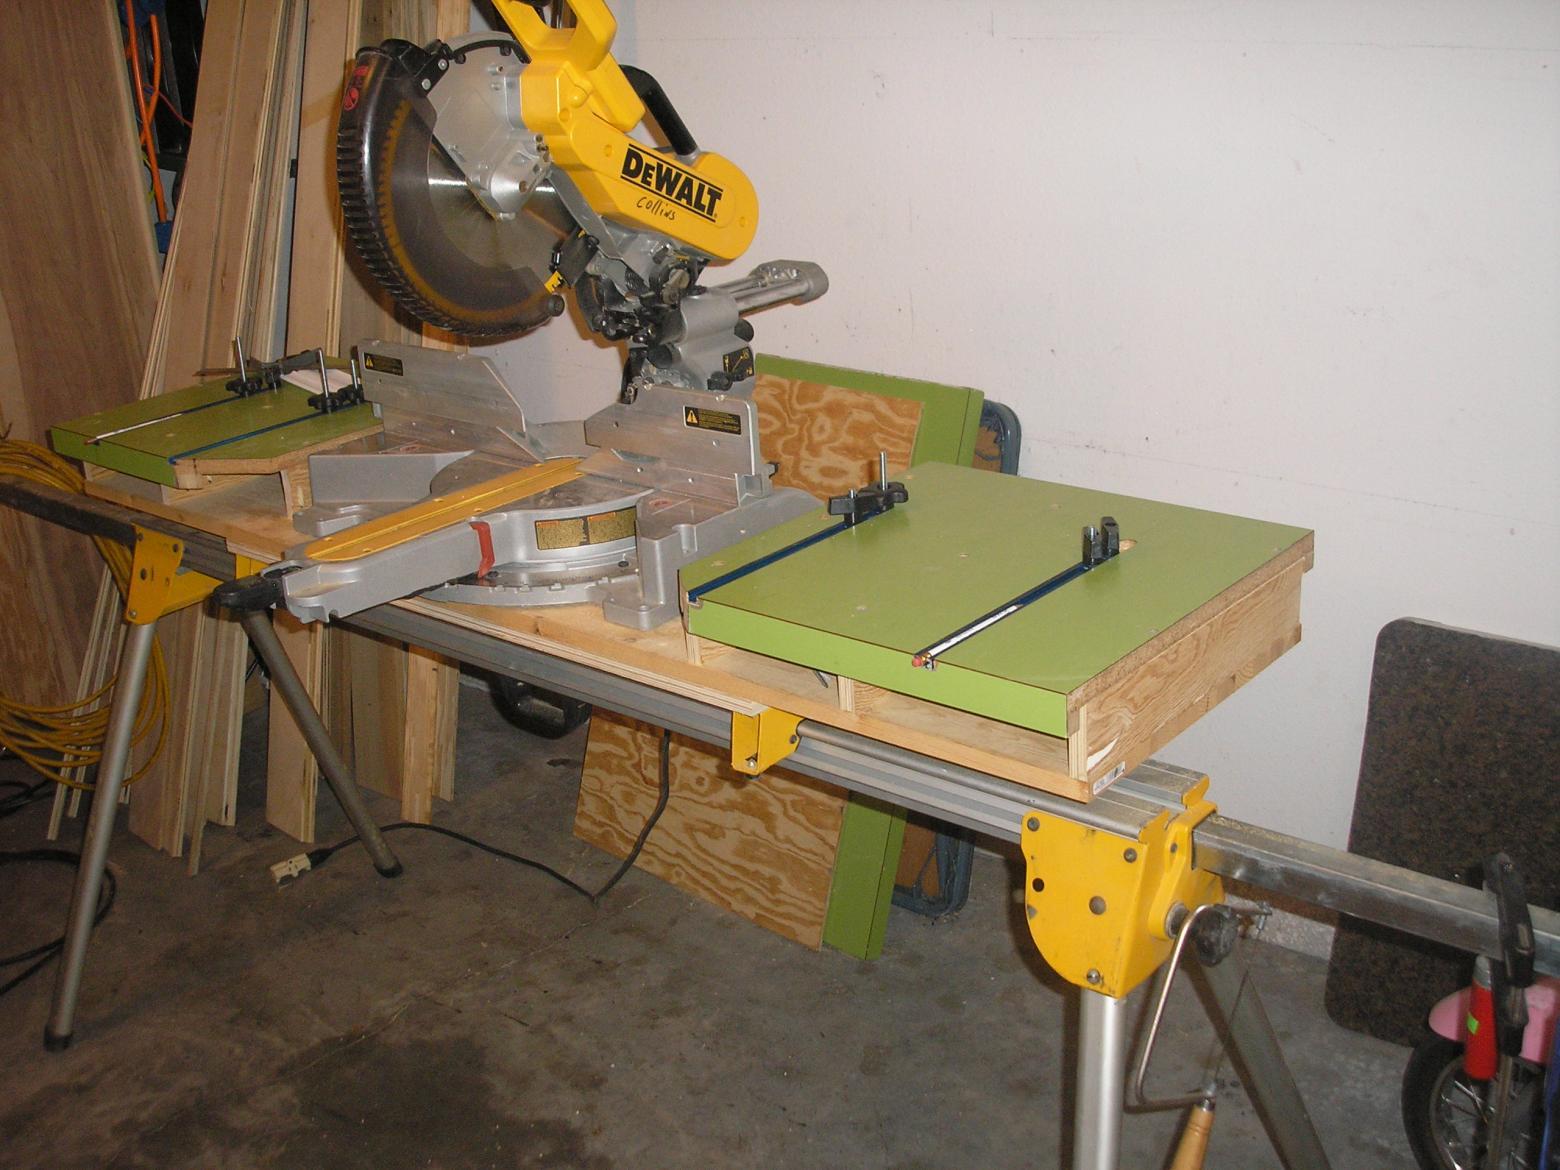 miter saw bench-saw-bench-017.jpg